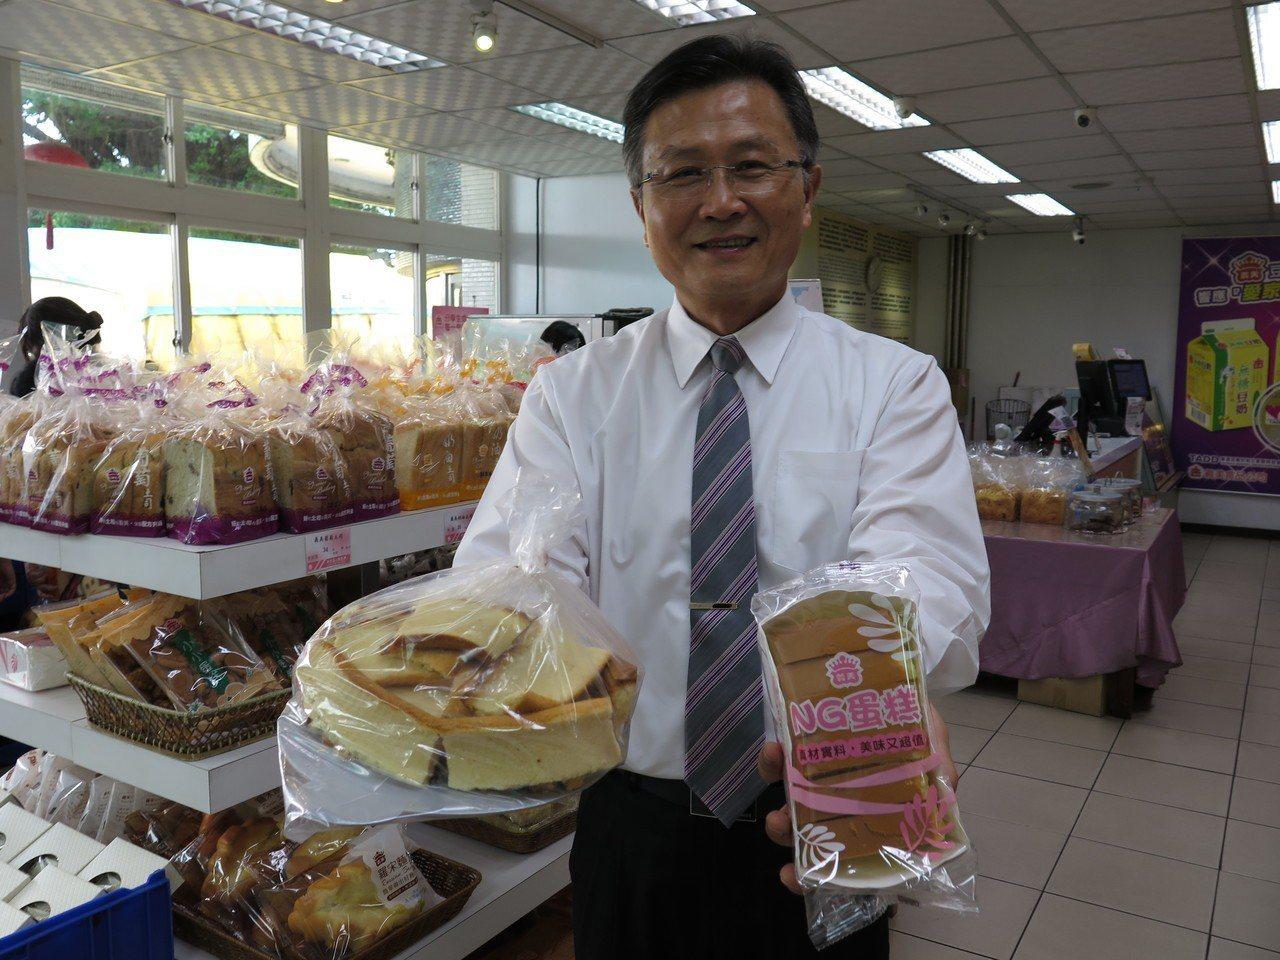 義美食品觀光工廠內烘焙坊陳設NG食品區,也在各門市上架販售NG蛋糕,很受消費者歡...